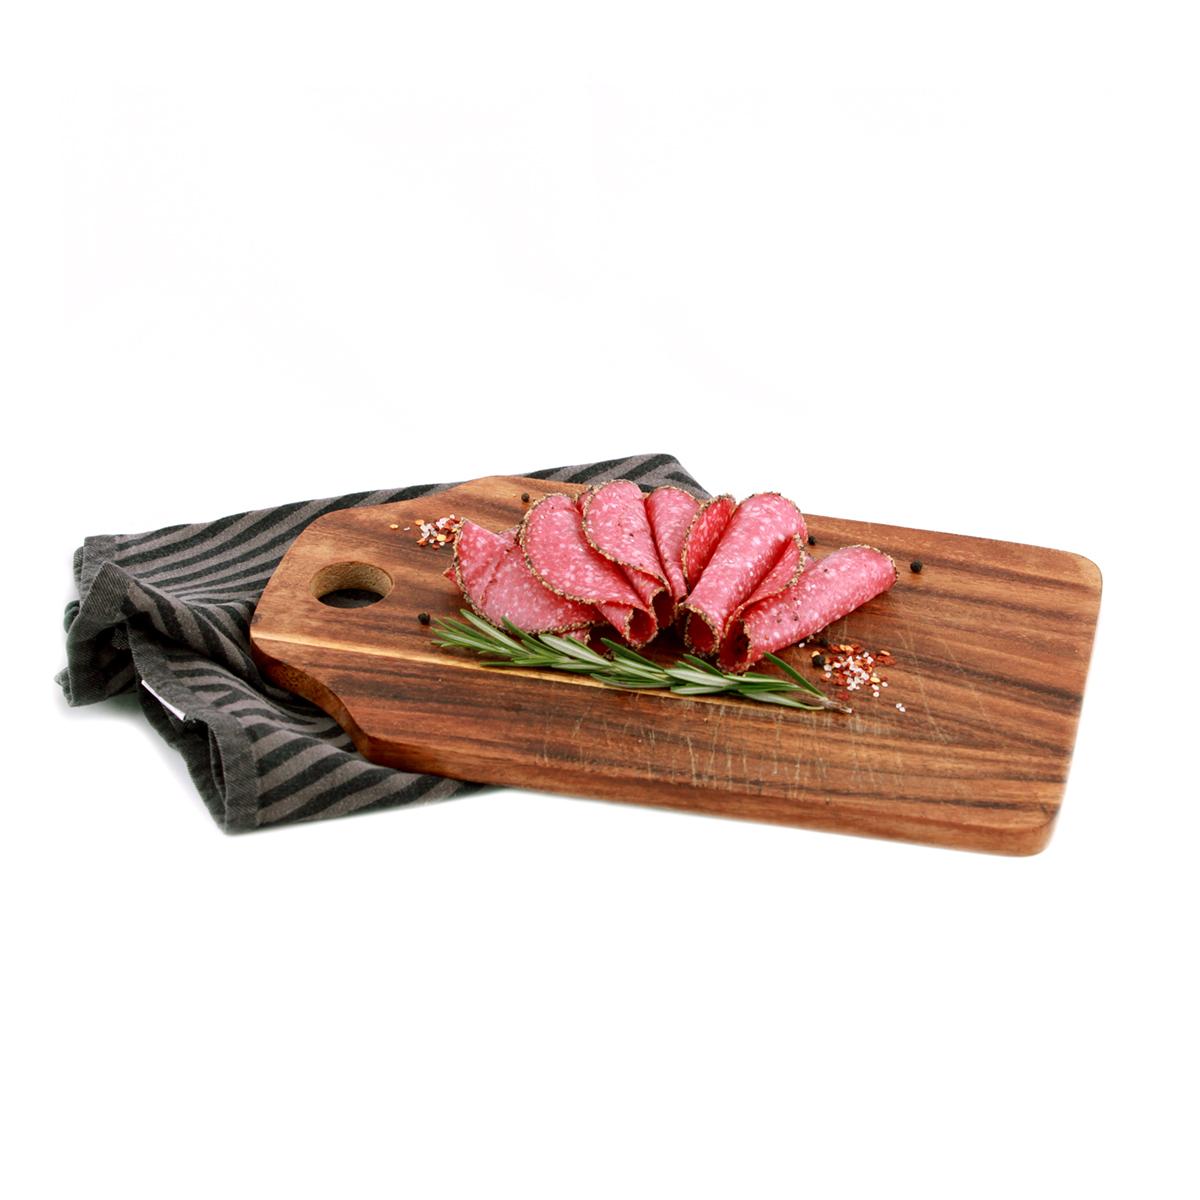 Pfeffer-Salami geschnitten